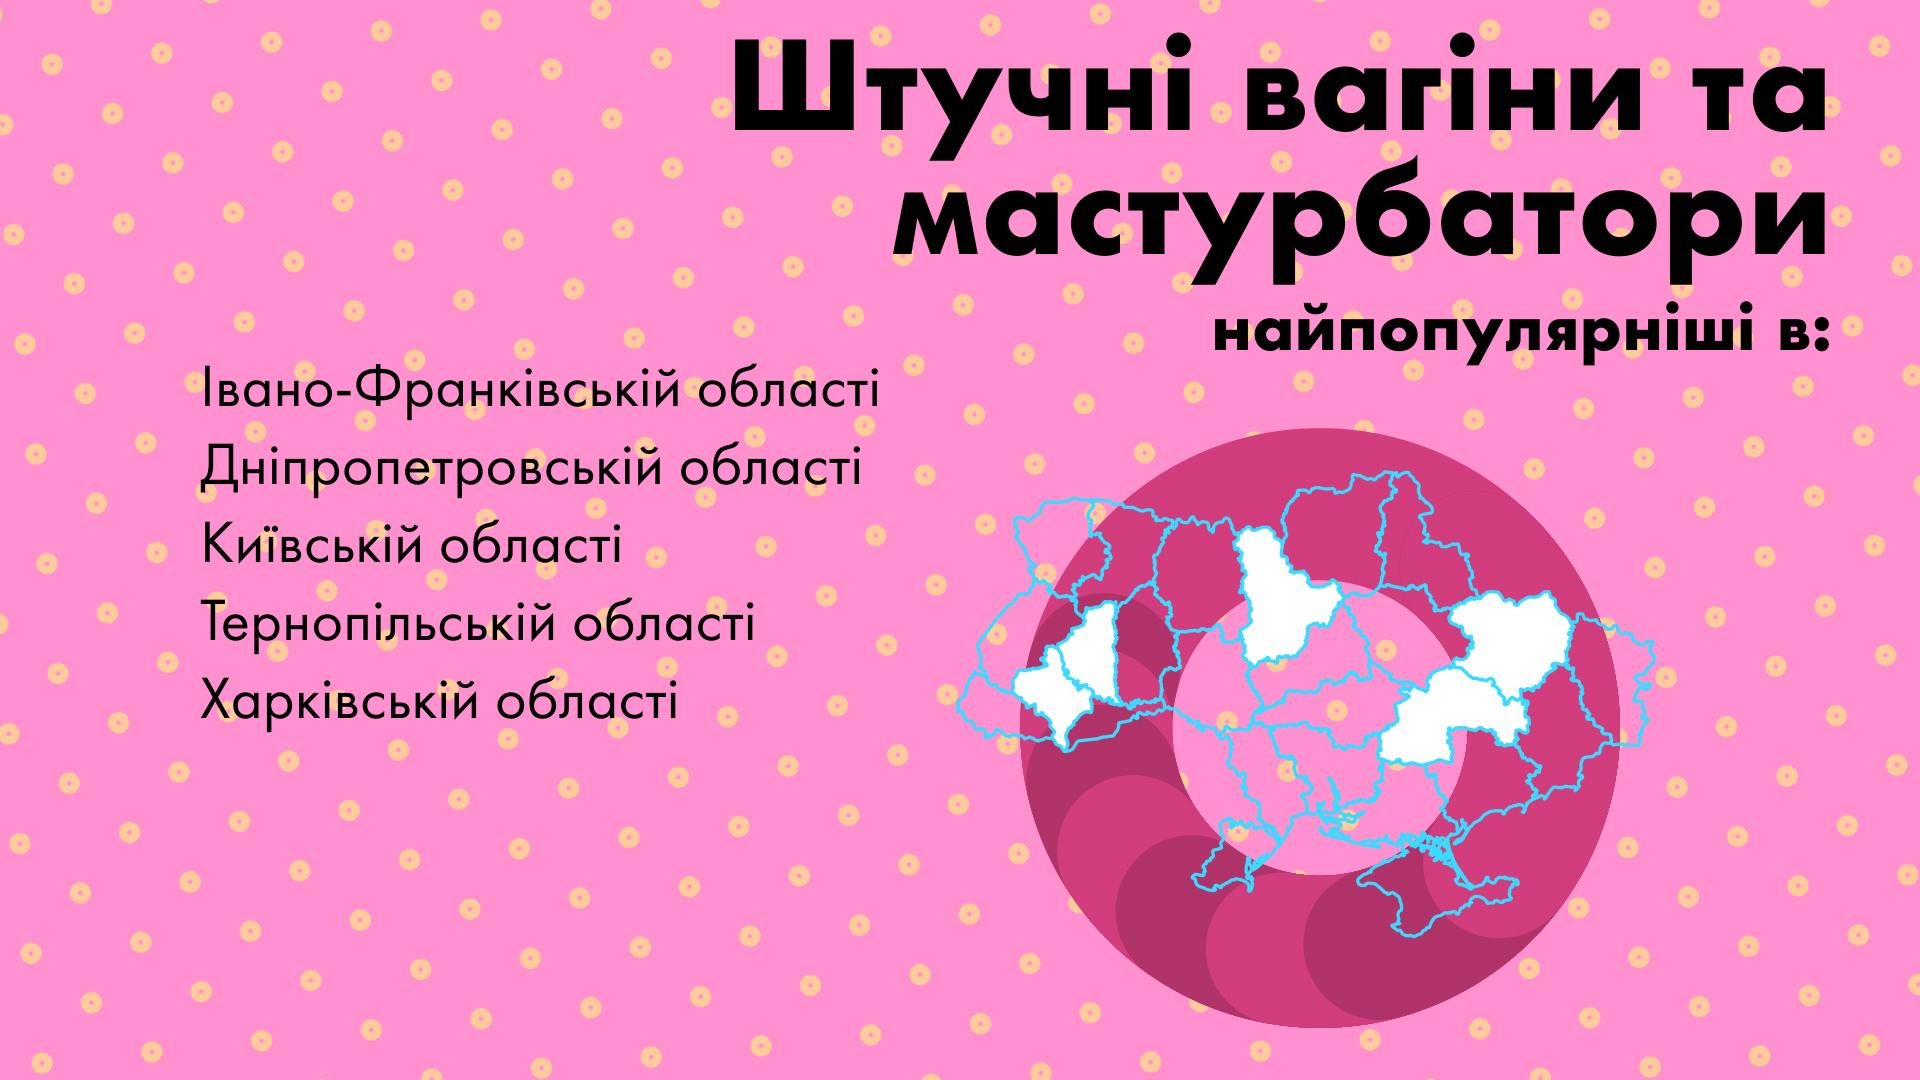 Искусственные вагины и мастурбаторы чаще всего берут в Ивано-Франковской области